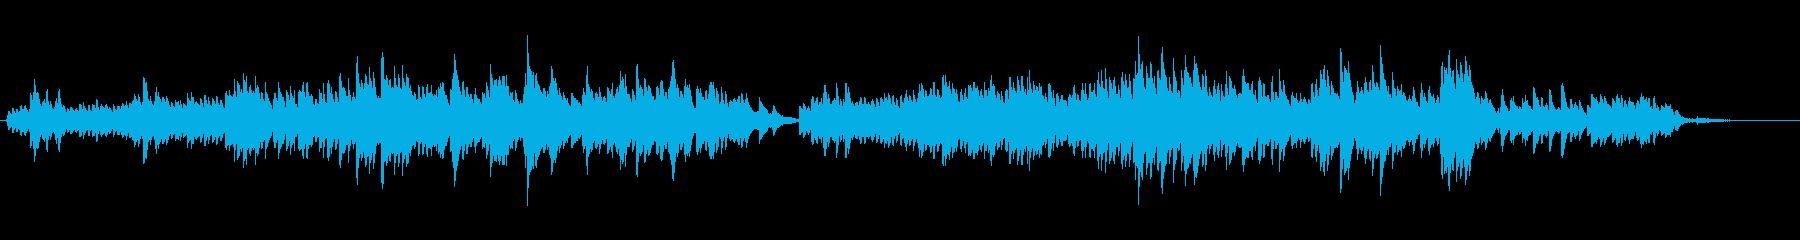 生ピアノソロ・Awakeの再生済みの波形